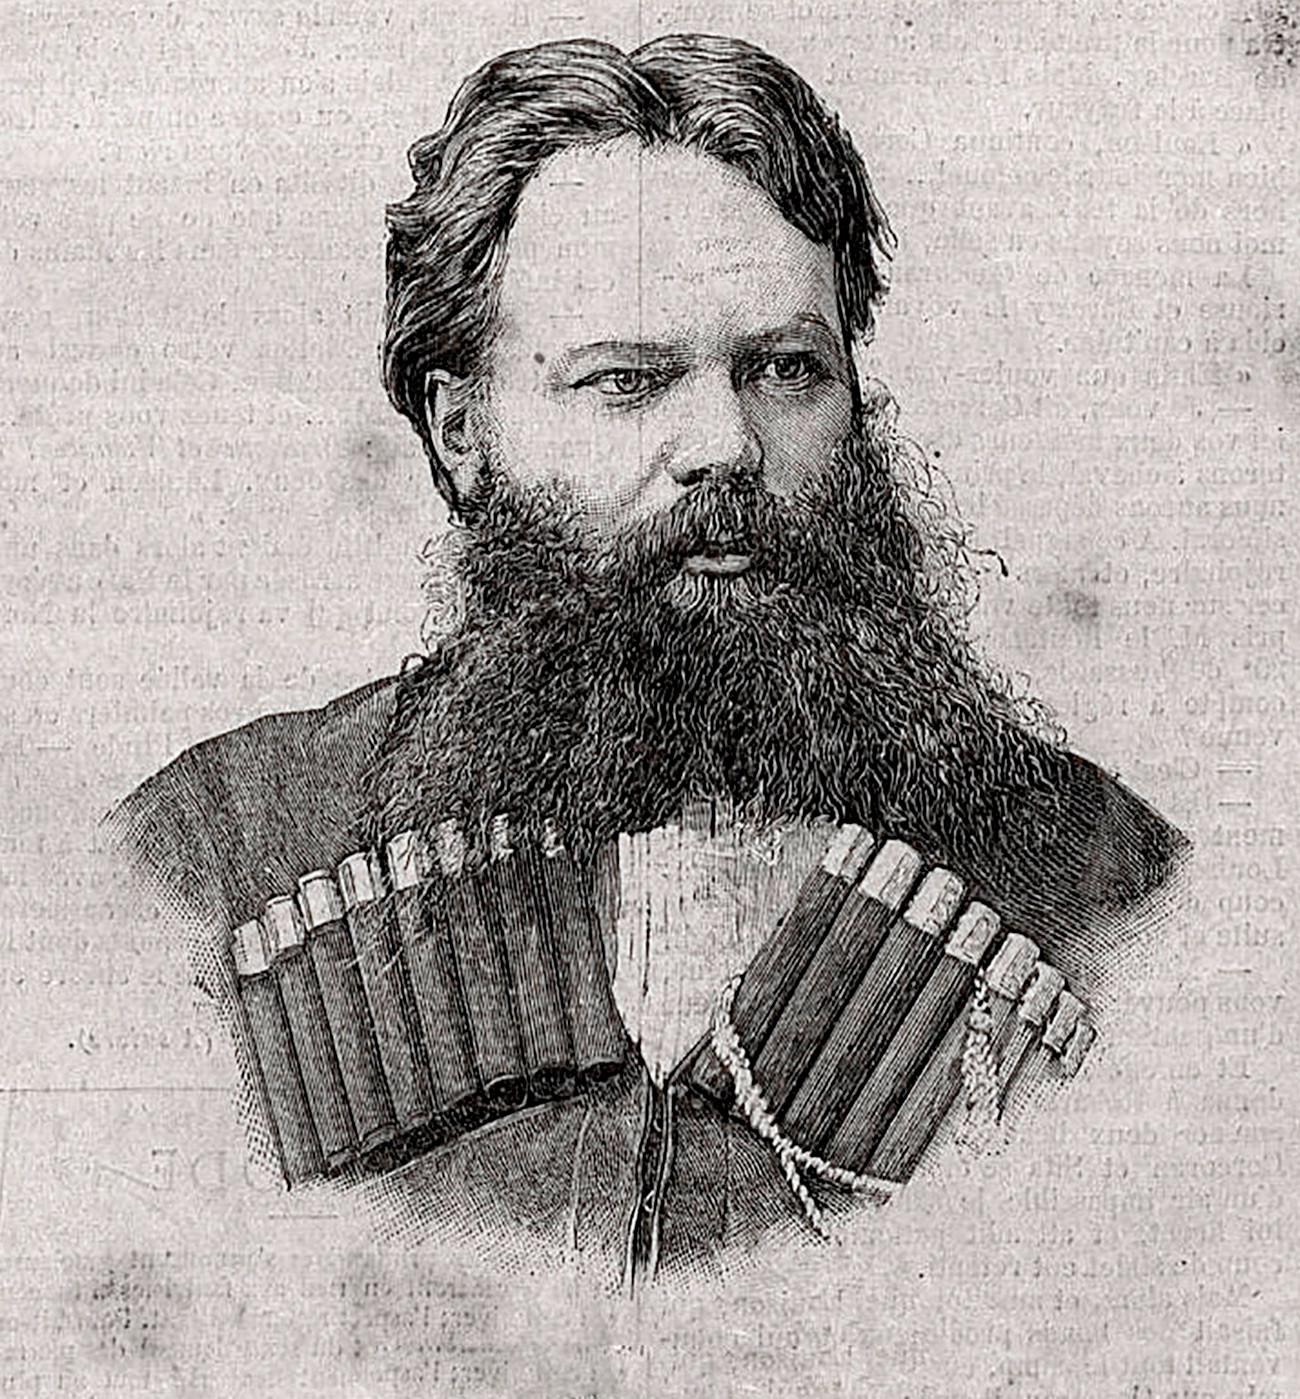 ニコライ・アシノフ